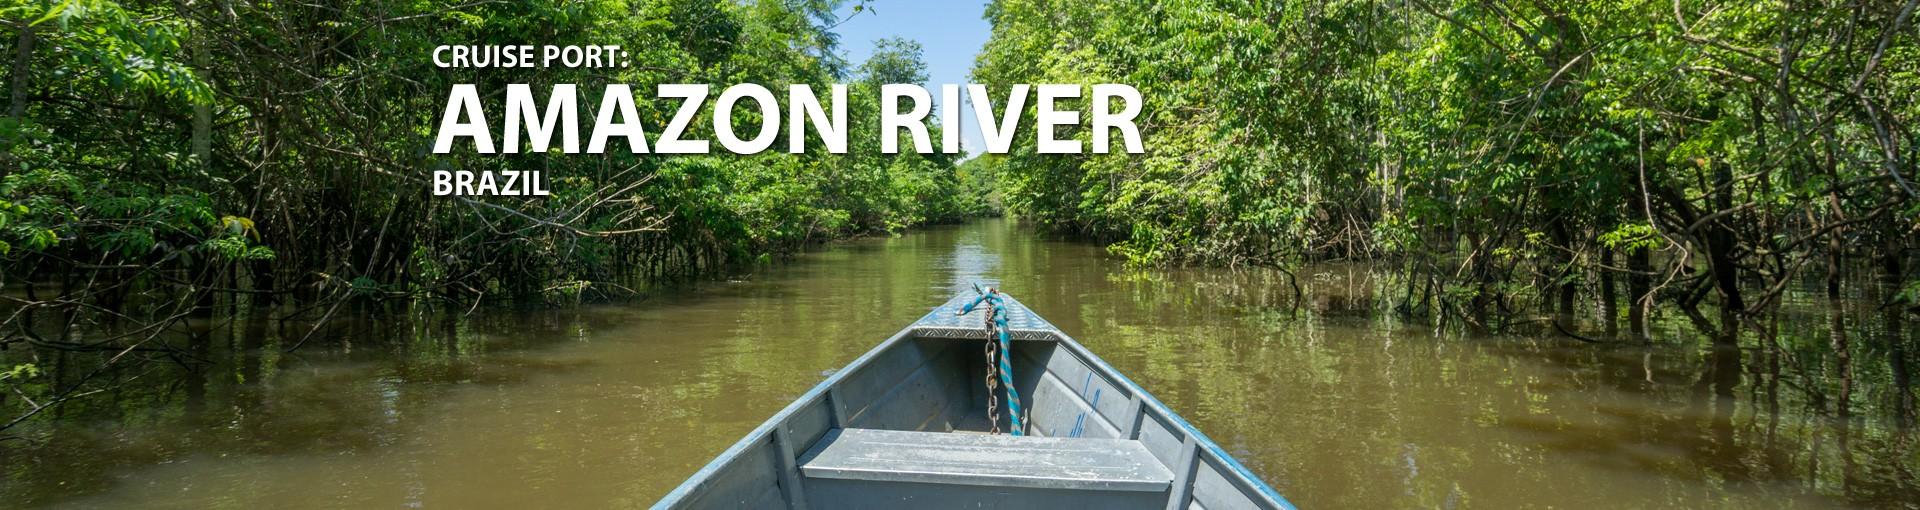 amazon-river-brazil-cruise-port-banner.jpg